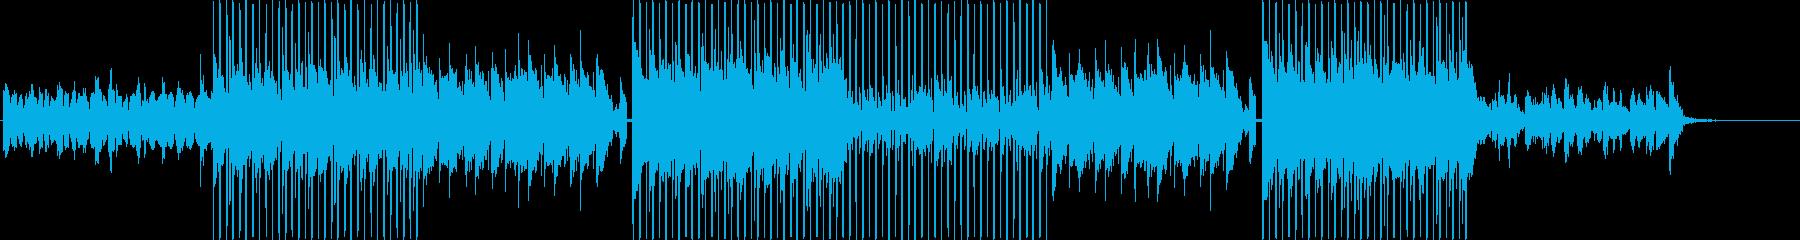 ローファイ、チルアウト、ポップダンス♪の再生済みの波形